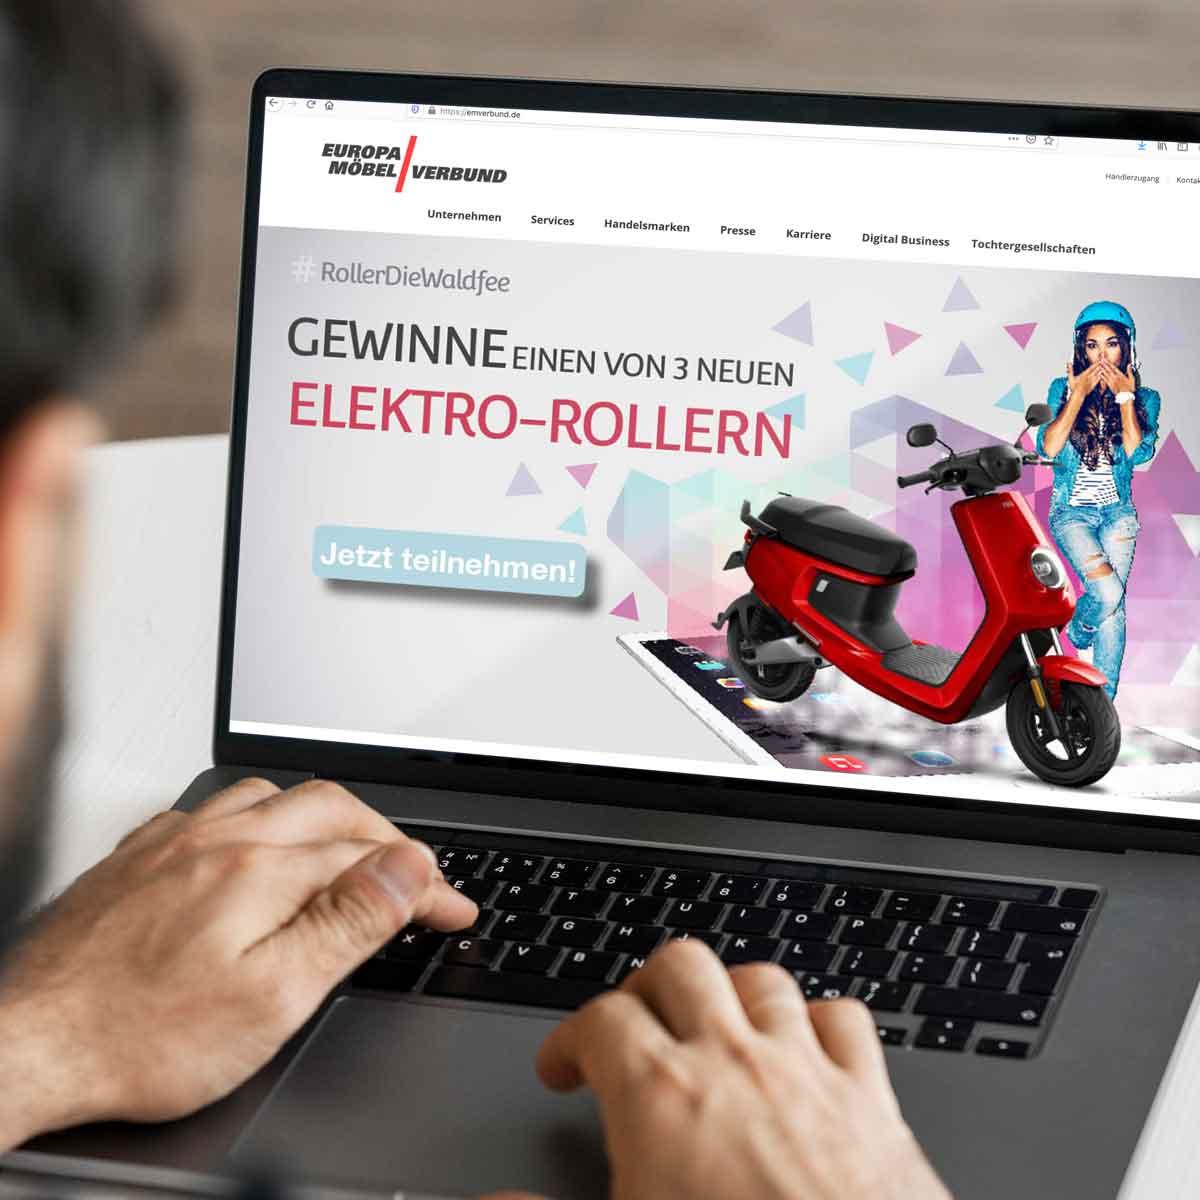 Mann sitzt vor einem Laptop, auf diesem sieht man eine Grafik zum Elektro-Roller-Gewinnspiel vom EMV